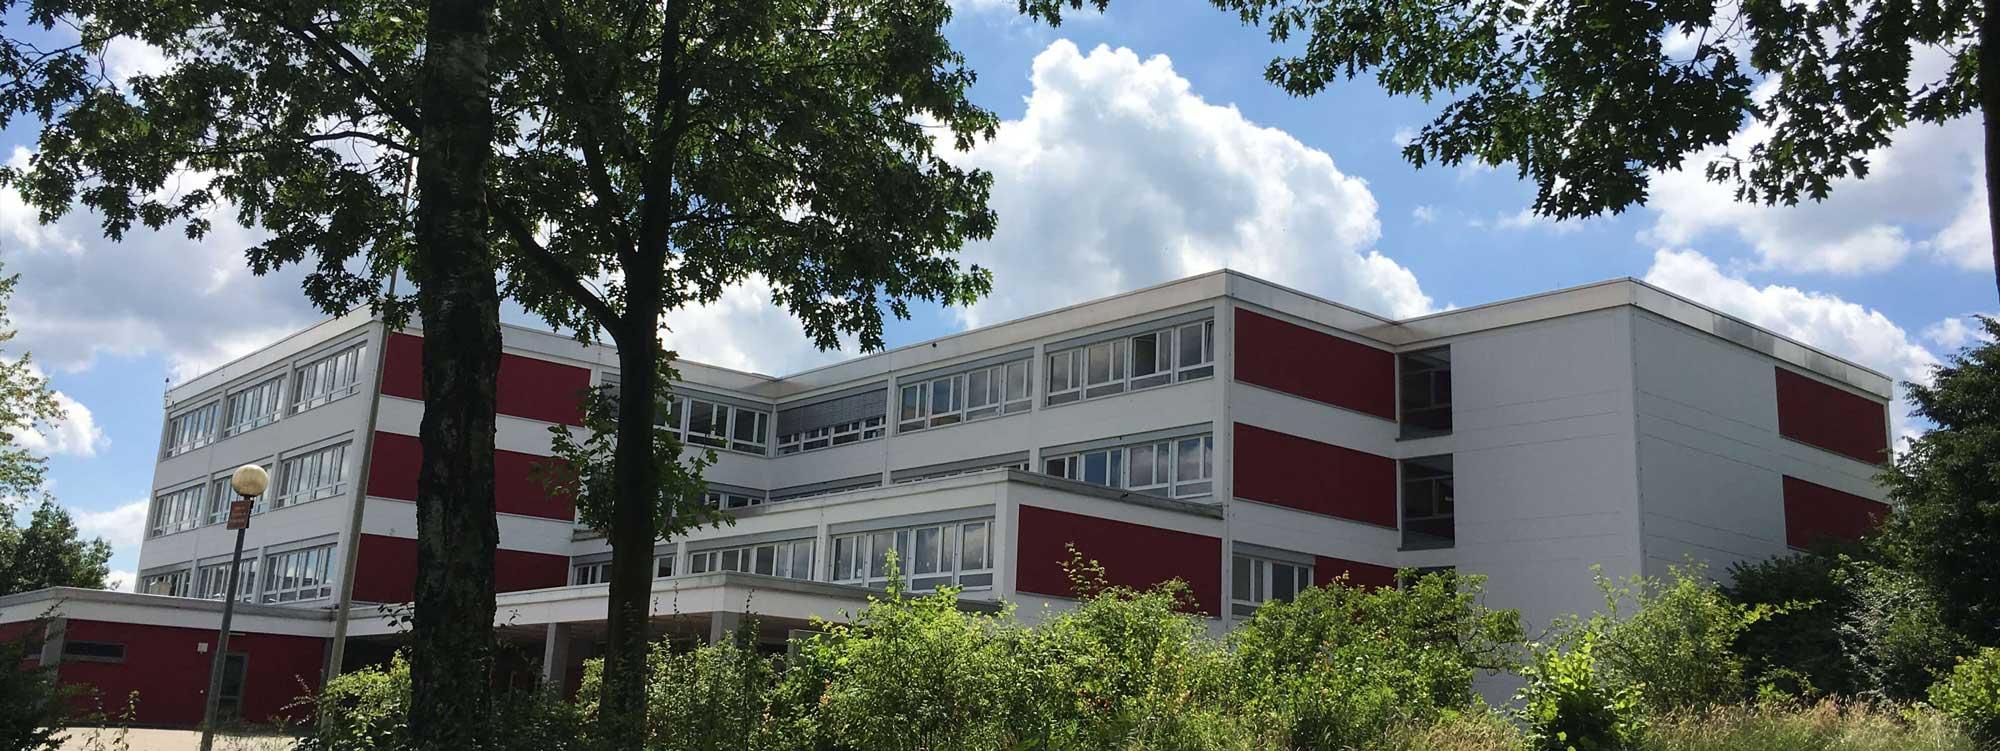 hauptschule_baeume_header_3